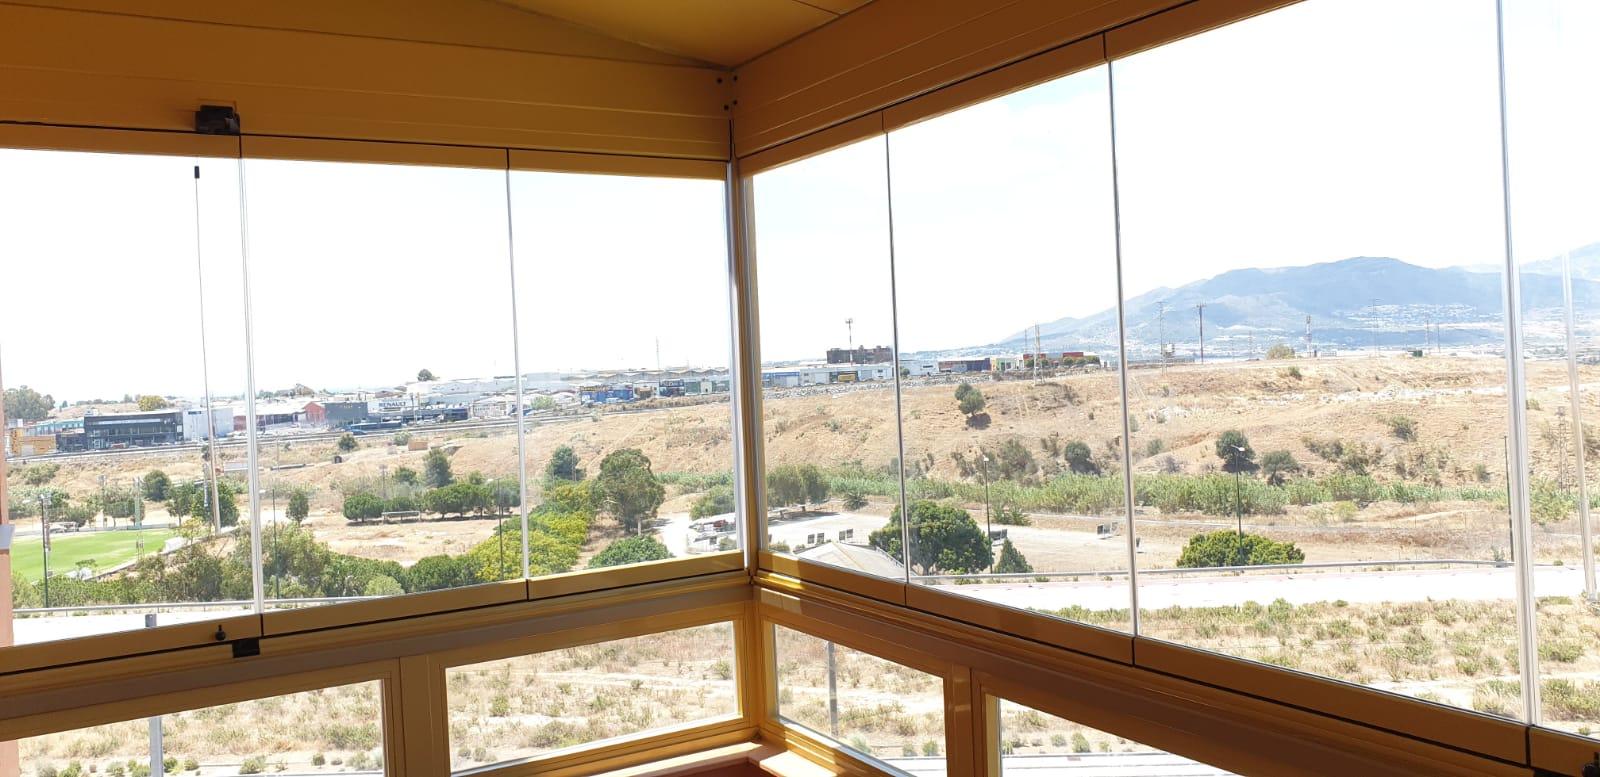 Terraza cortina de cristal y techo lacado en el c nsul m laga for Cortina cristal terraza